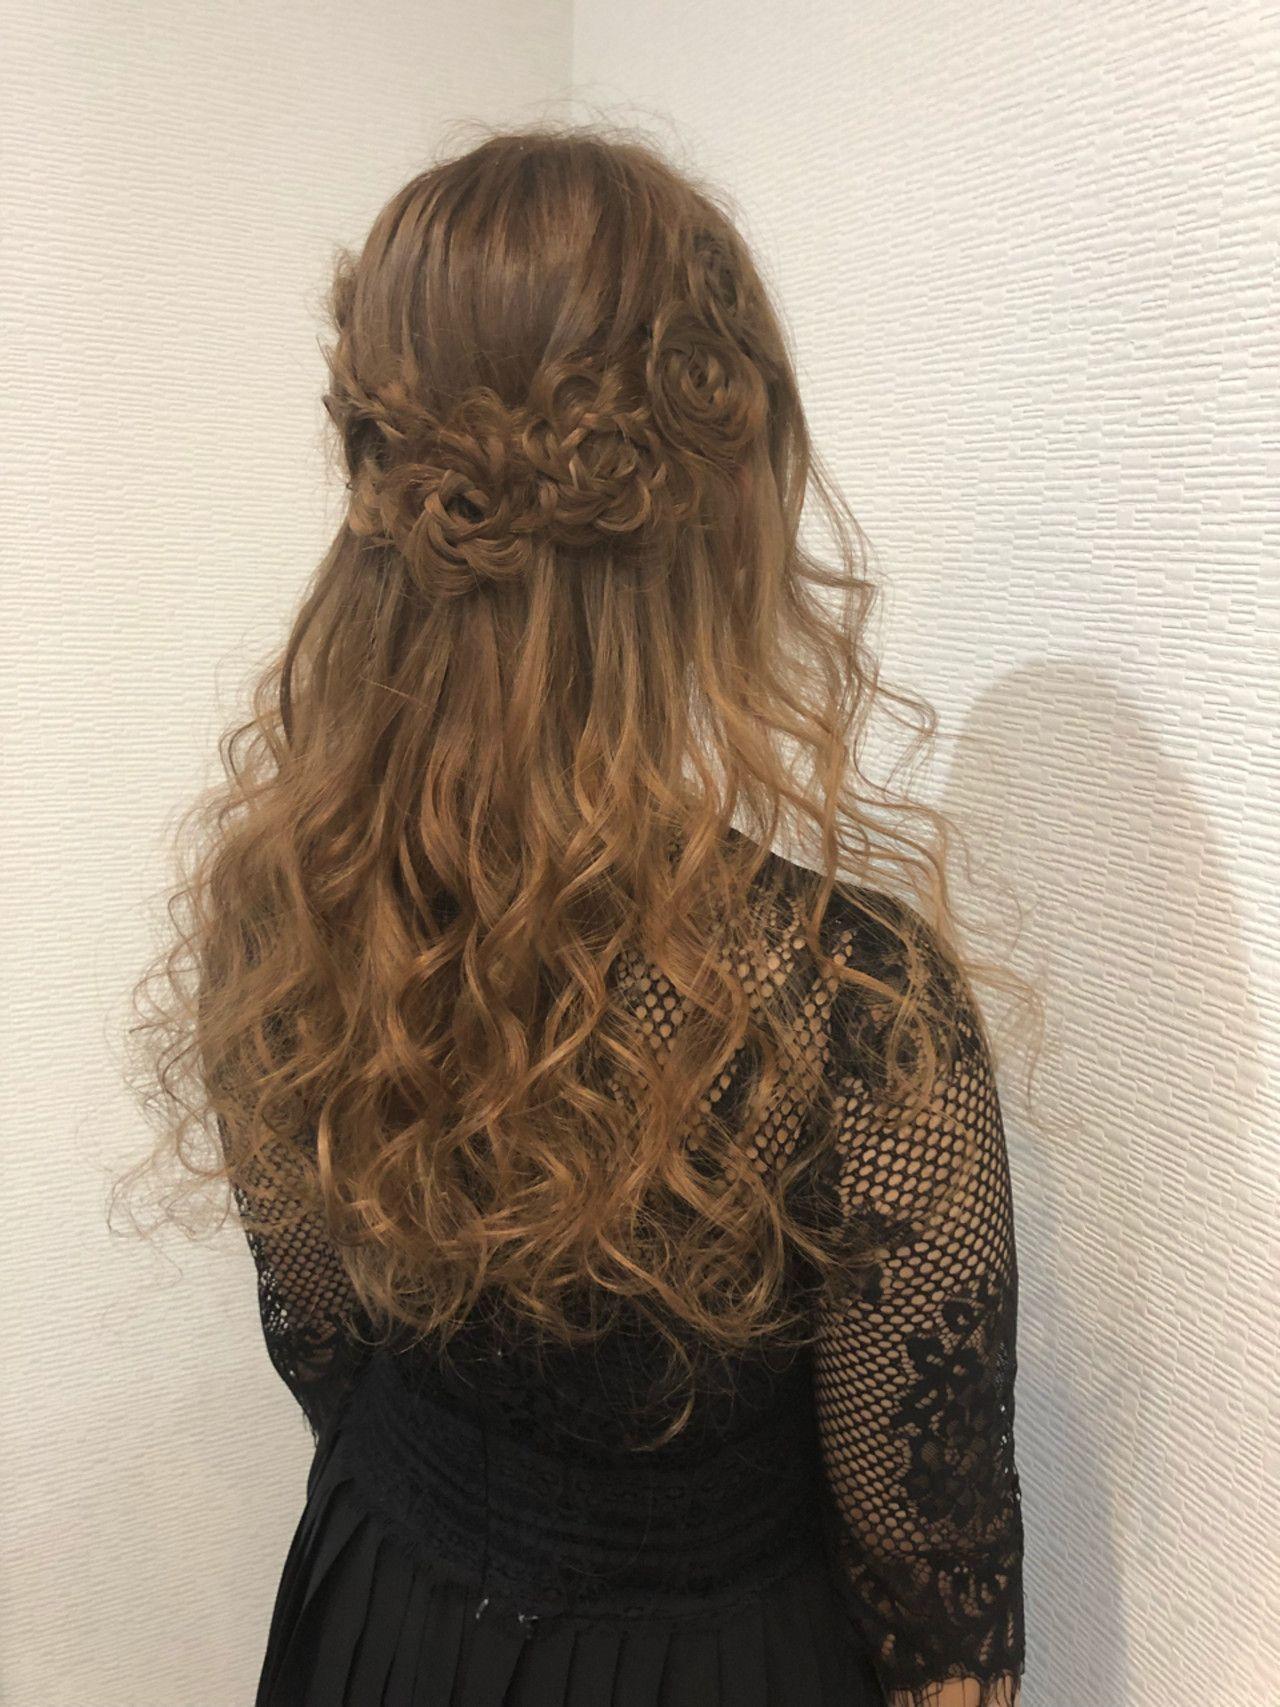 ディズニー向けhair 写真映えするヘアスタイル アレンジ特集 Hair